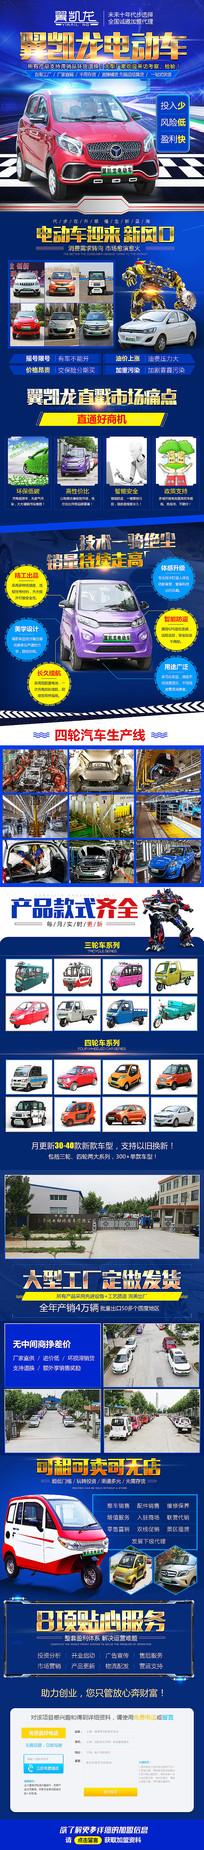 蓝色炫酷汽车招商页面